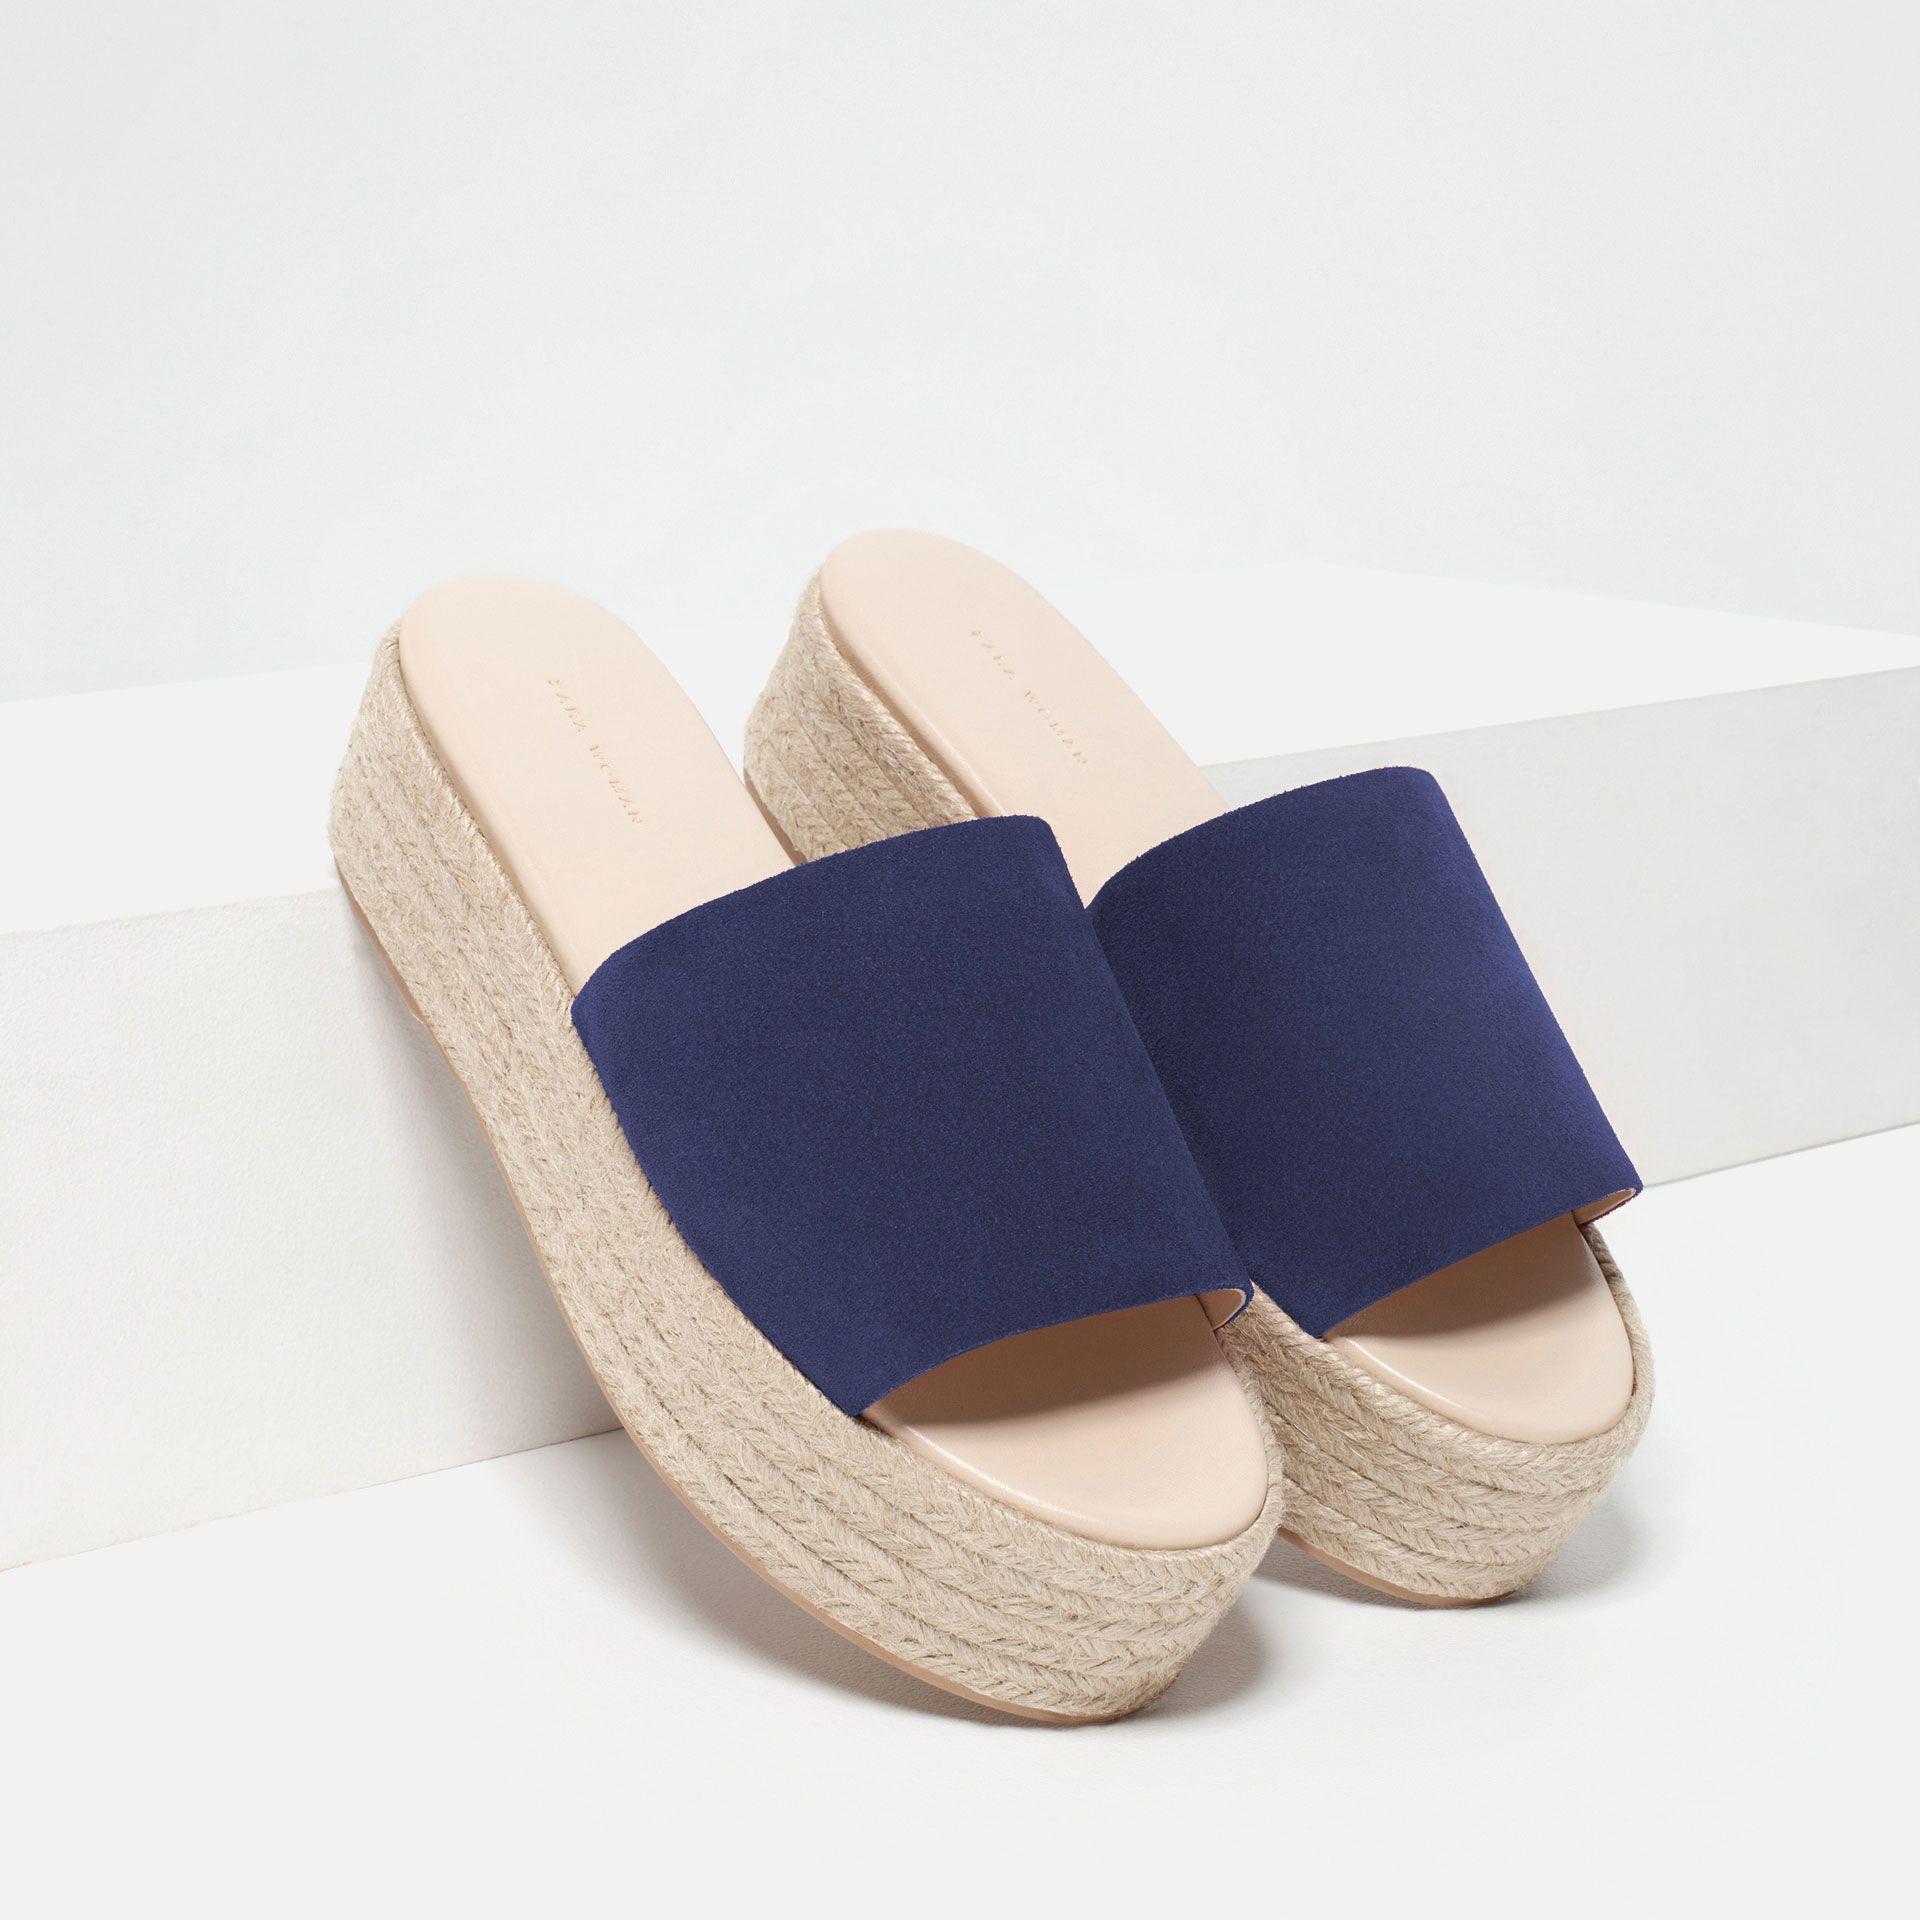 JuteZapatos Chaussures Plates ShoesSuede En Compensées KcJlF1